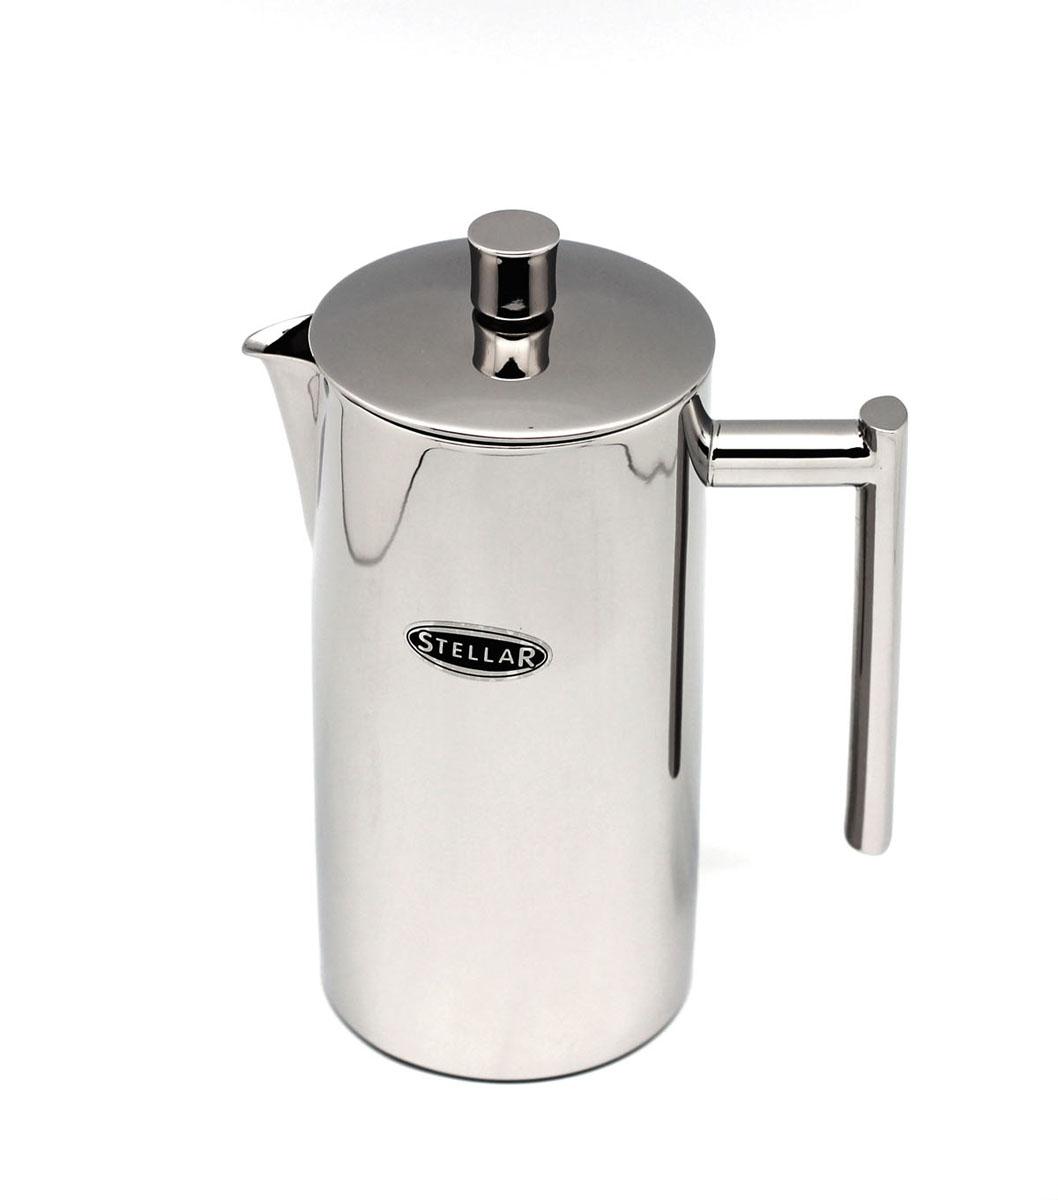 Френч-пресс Silampos Stellar, 0,8 л120074Френч-пресс Silampos Stellar используется для заваривания крупнолистового чая, кофе среднего помола, травяных сборов. Изделие, изготовленное из высококачественной стали. Френч-пресс Silampos Stellar незаменим для любителей чая и кофе.Объем: 0,8 мл.Размеры: 13 х 12 х 22,5 см.